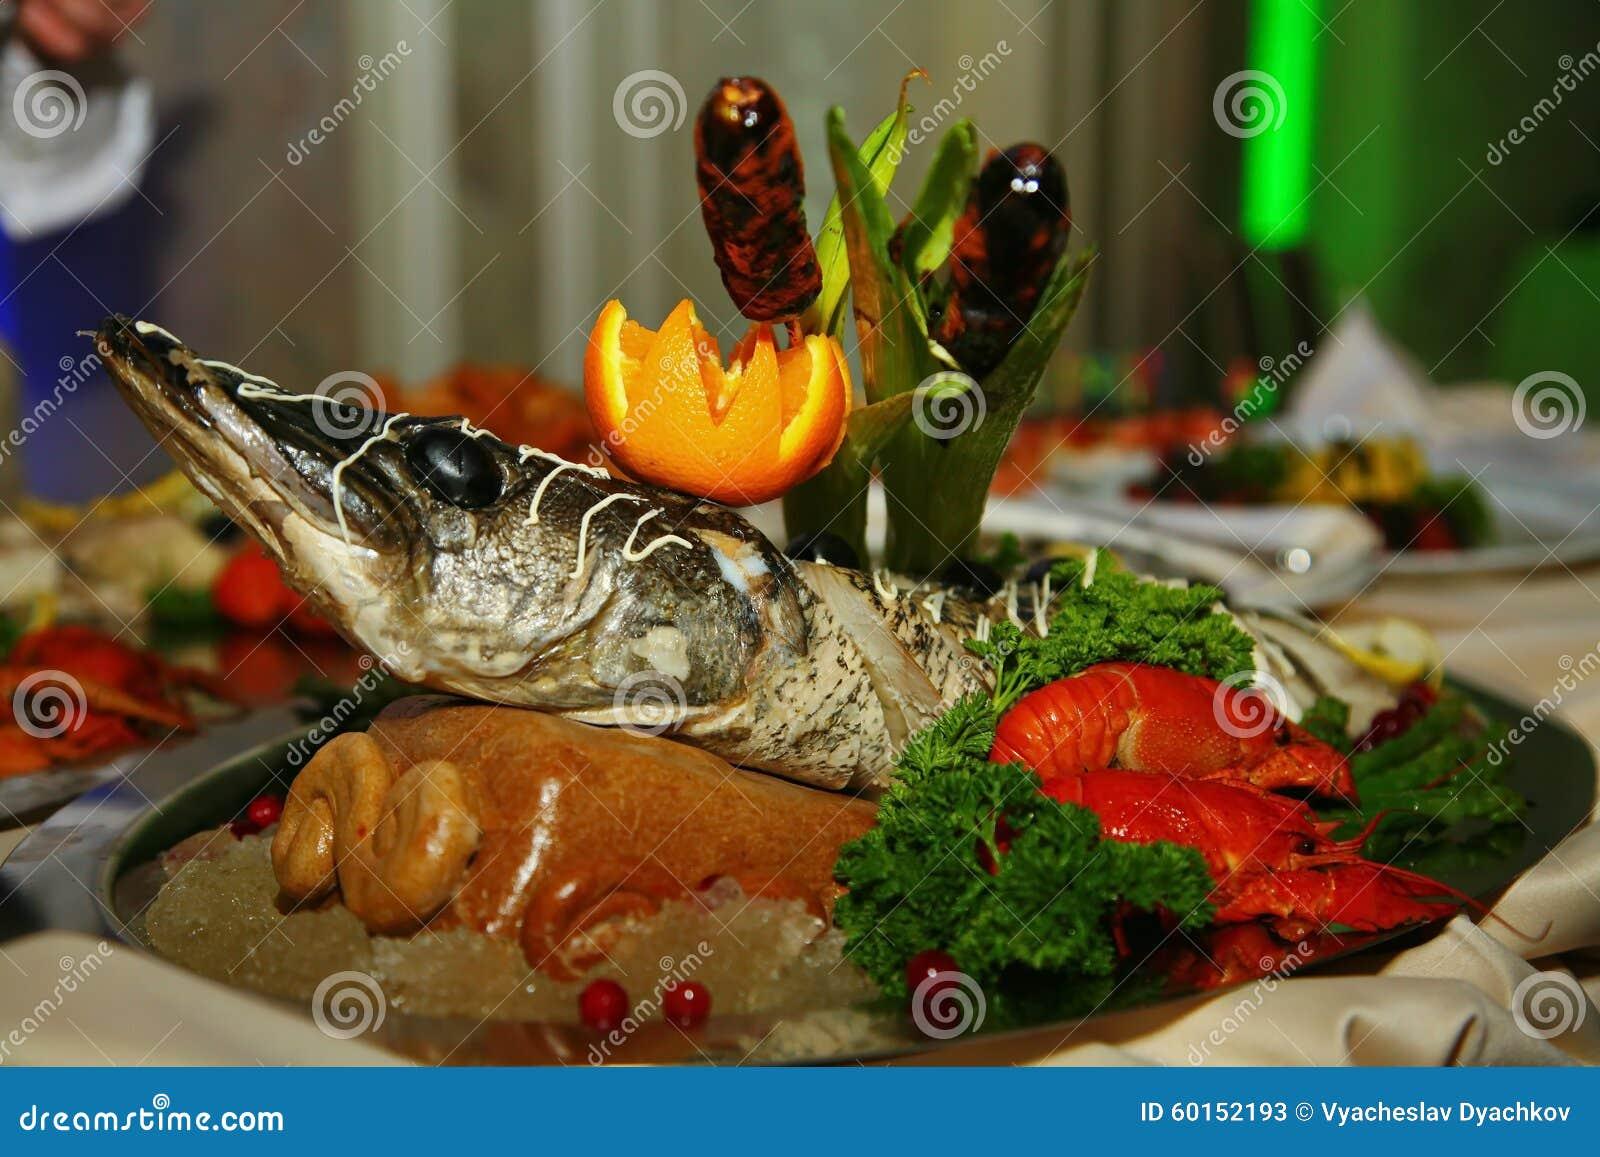 Med Artistically sterleten för den Gefilte fisken som helt bakas, dekoreras en läckerhet från kocken - en maträtt av rådjurskött